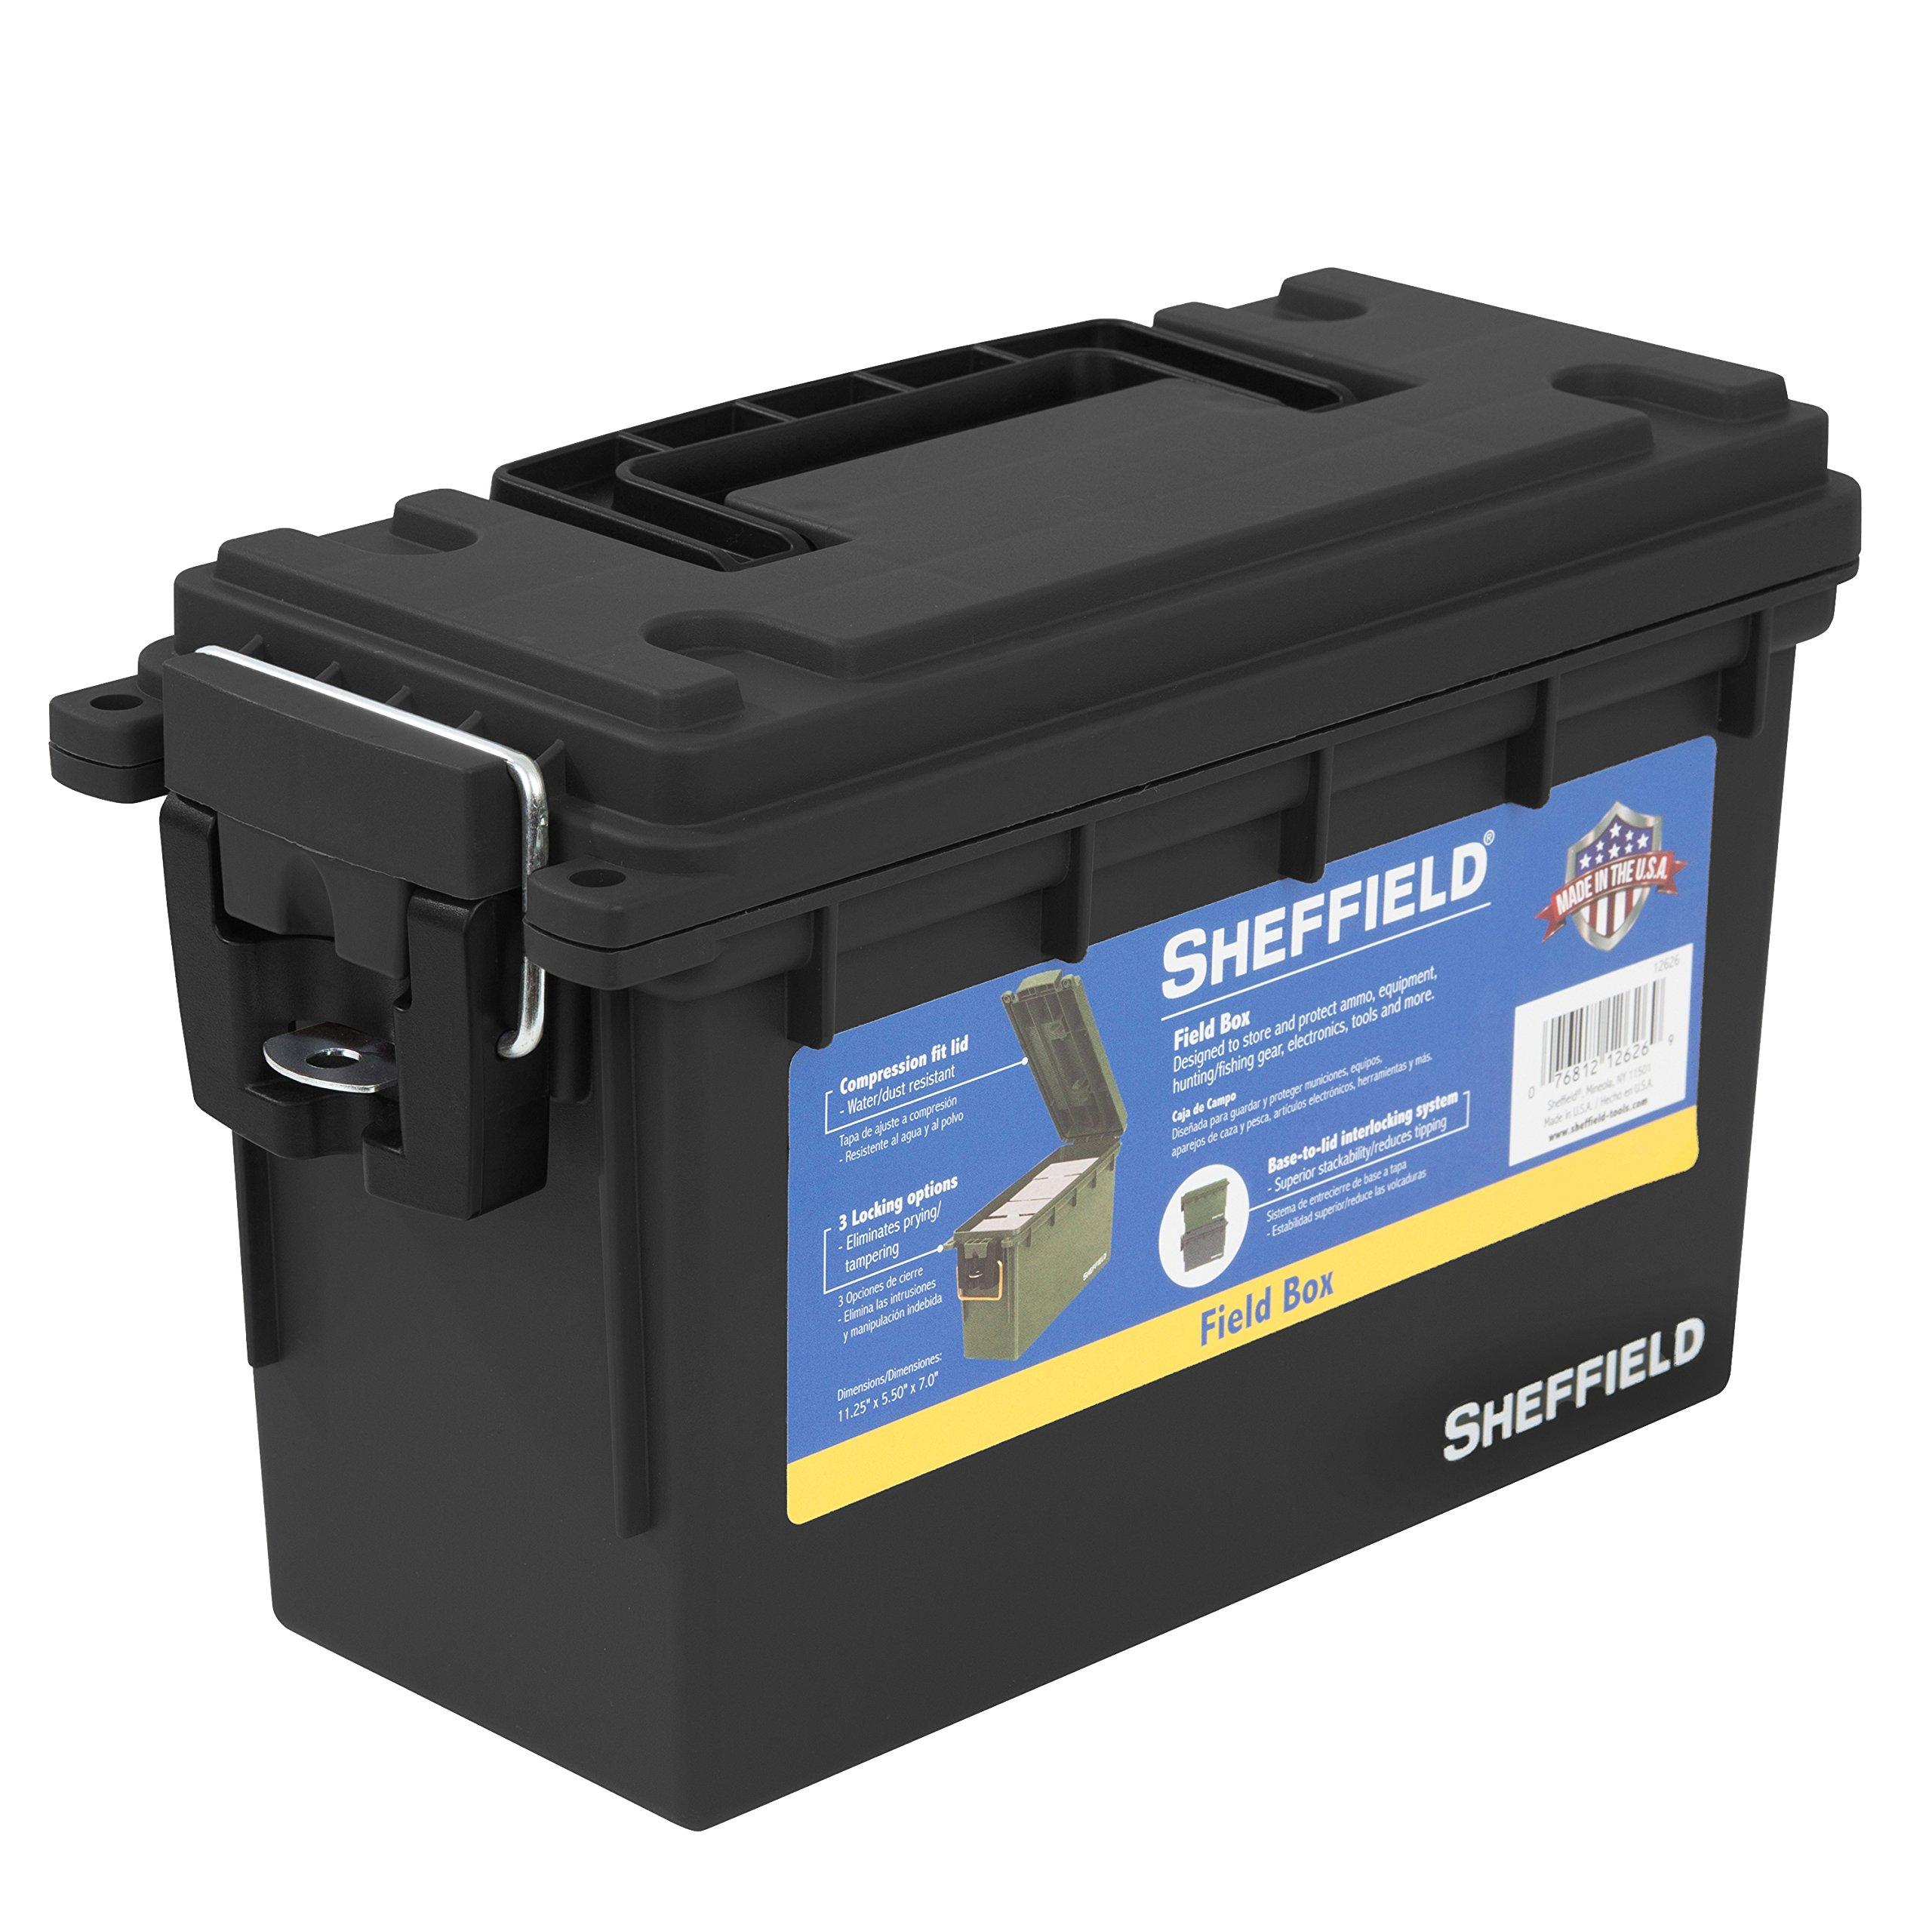 Sheffield 12629 Field Box- Black Made in The U.S.A.